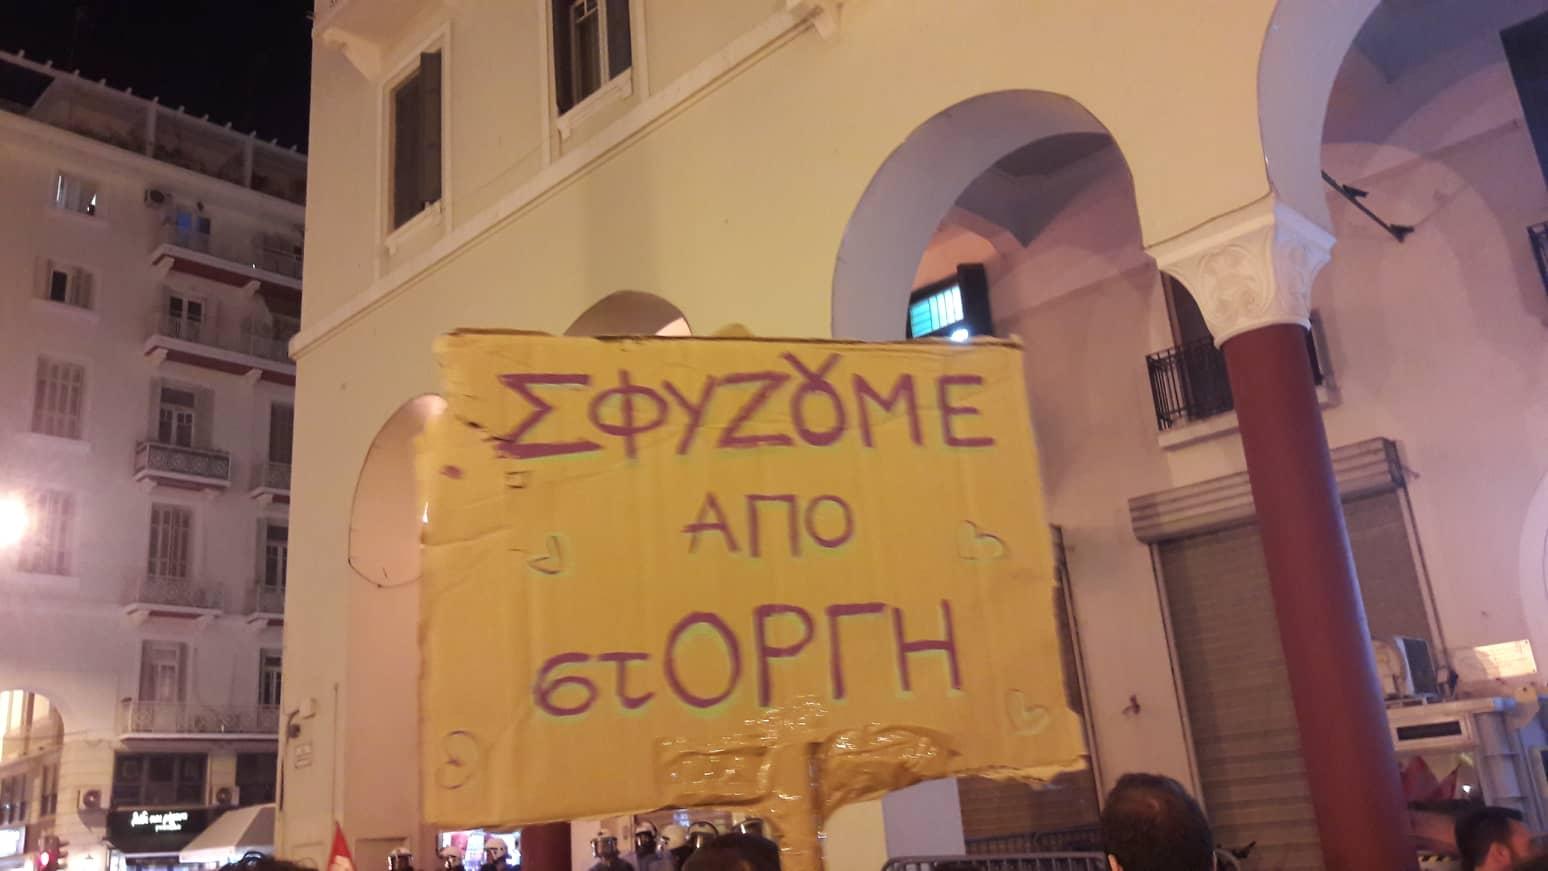 Μαζική πορεία στη μνήμη του Ζακ Κωστόπουλου και στη Θεσσαλονίκη